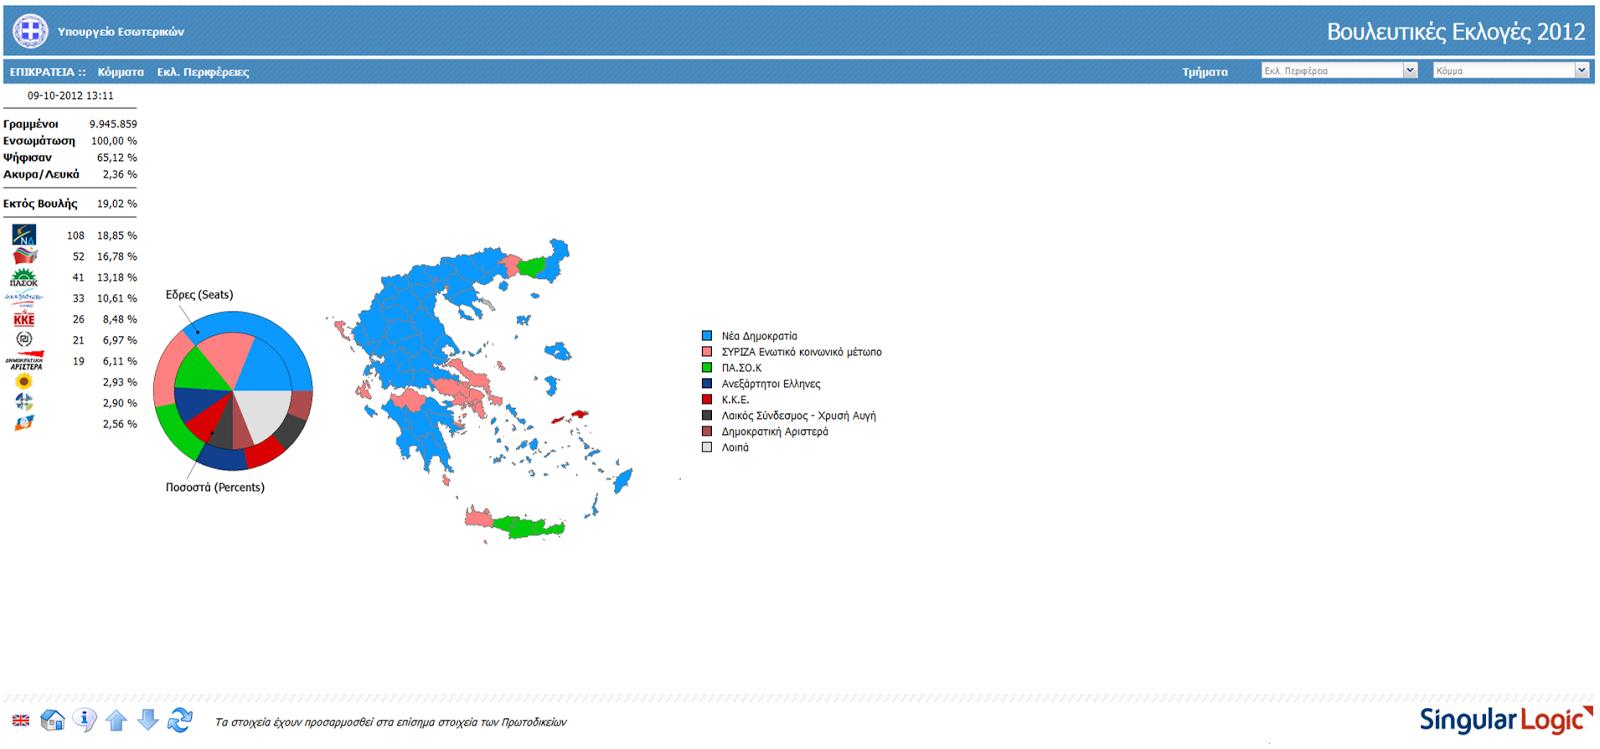 Βουλευτικές Εκλογές Μάιος 2012